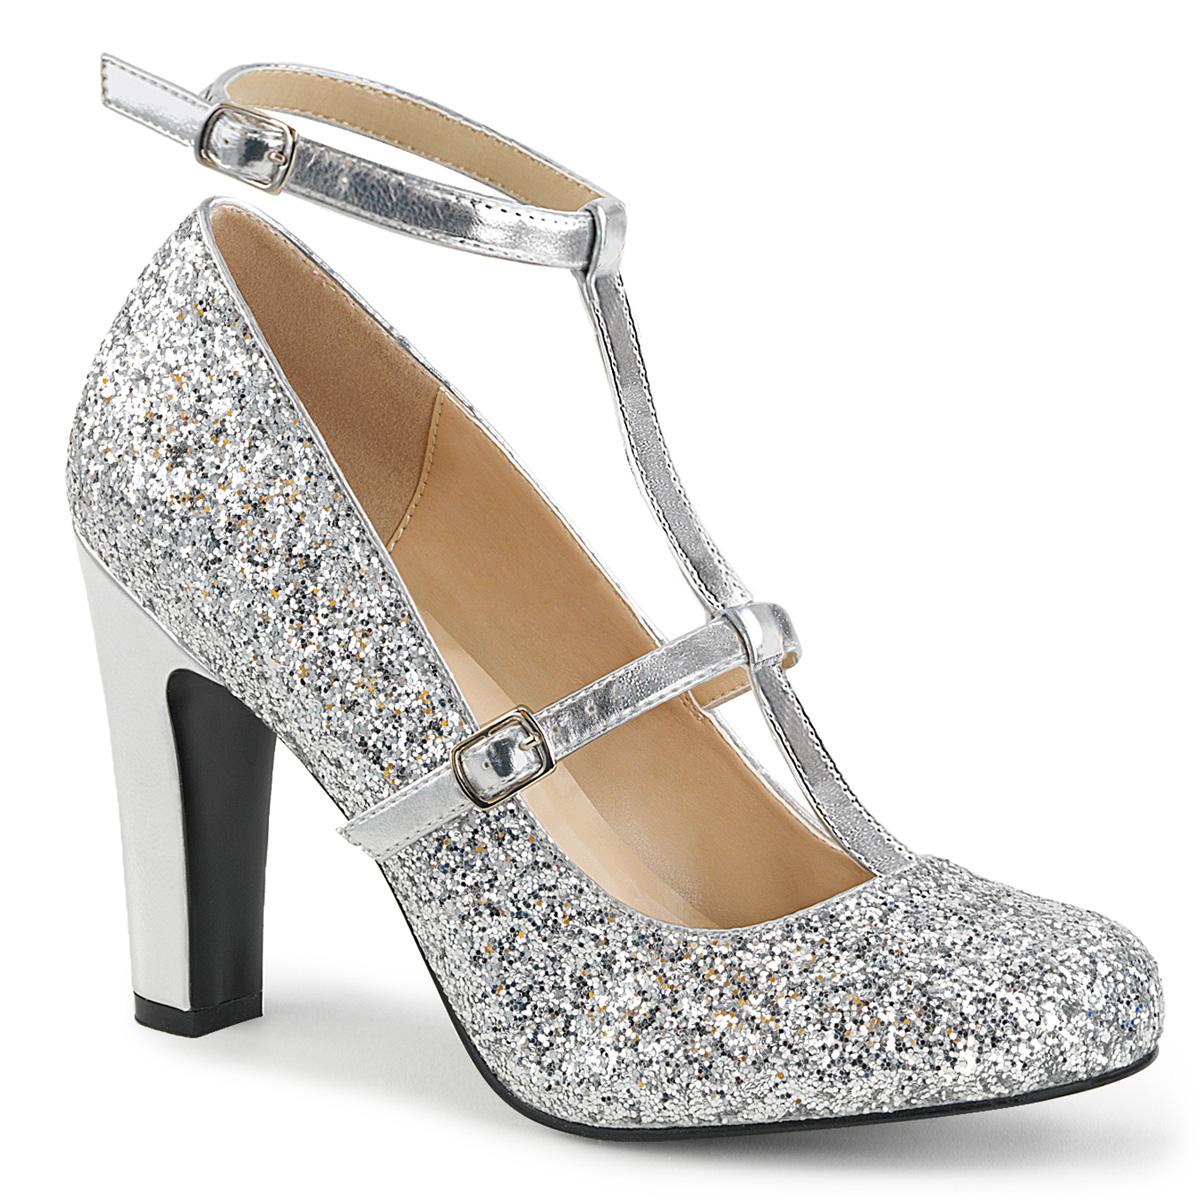 d5b46d291f9b Glitter Pumps QUEEN-01 - Silber